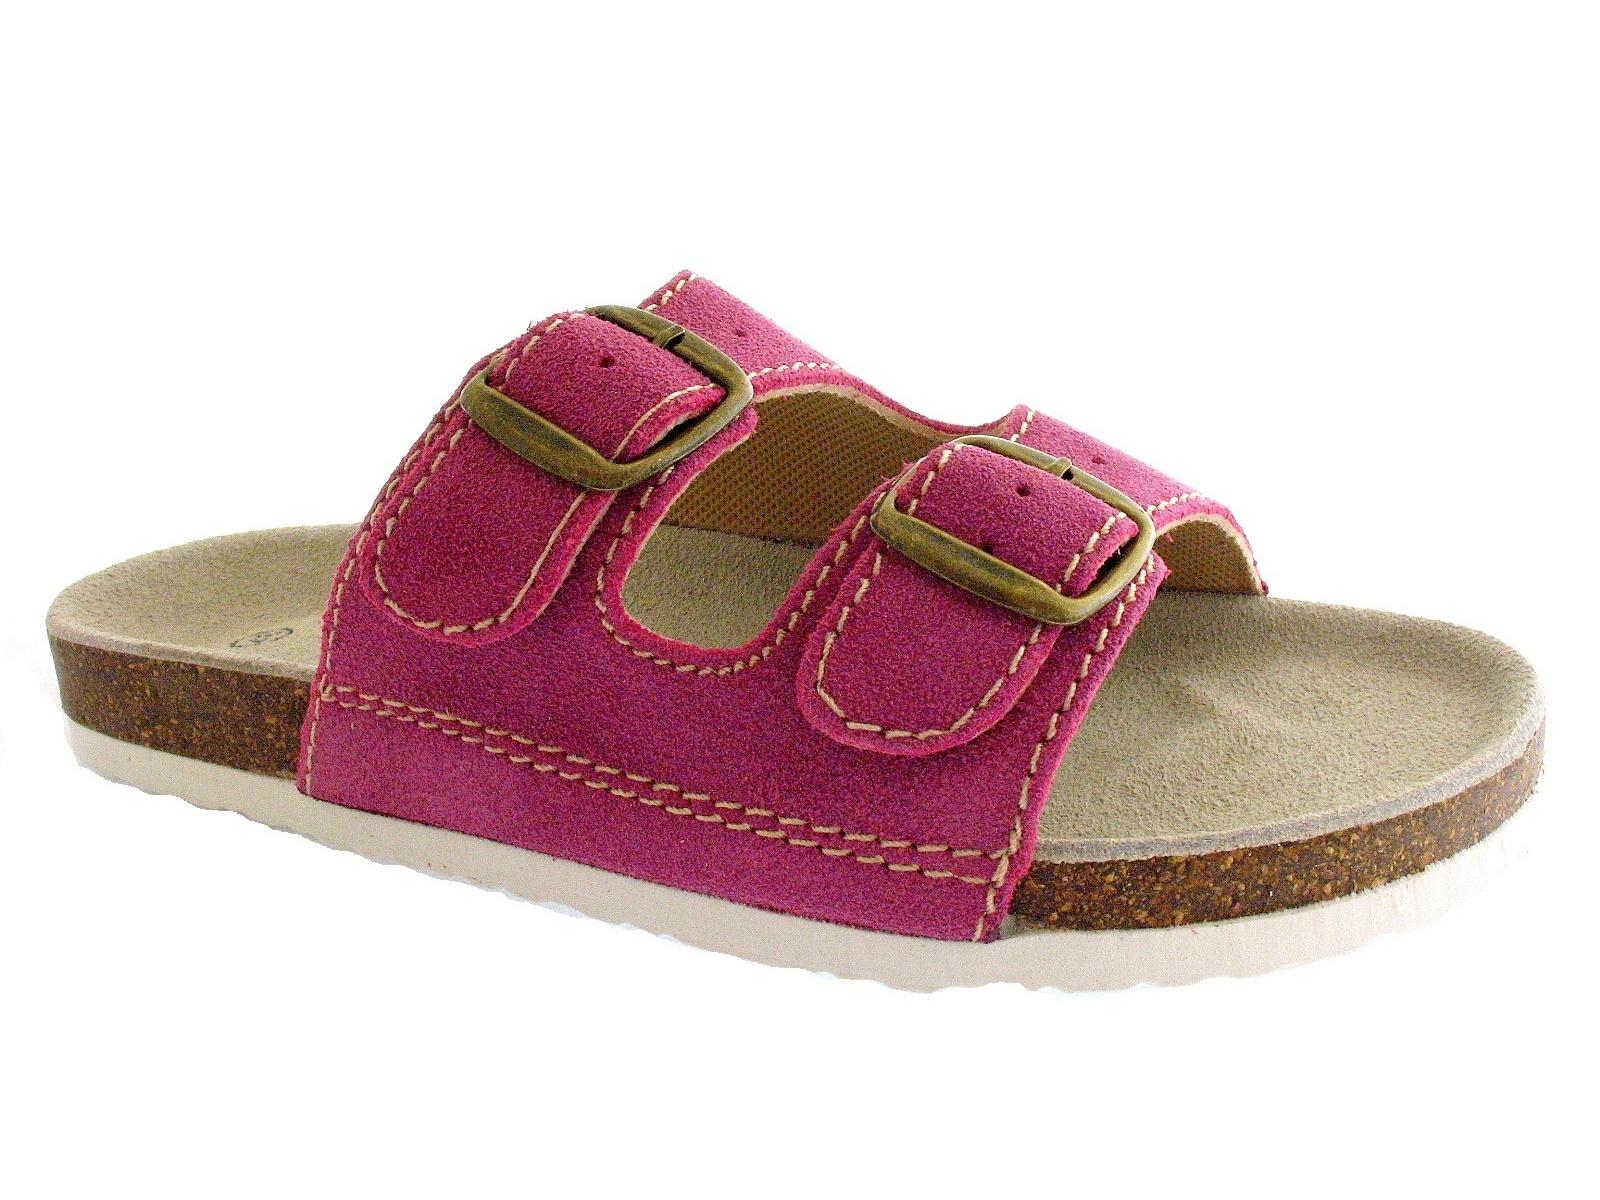 7530a506eda999 MEDYCZNE klapki DAMSKIE obuwie SKÓRZANE BIO r. 38 - 7563822054 ...